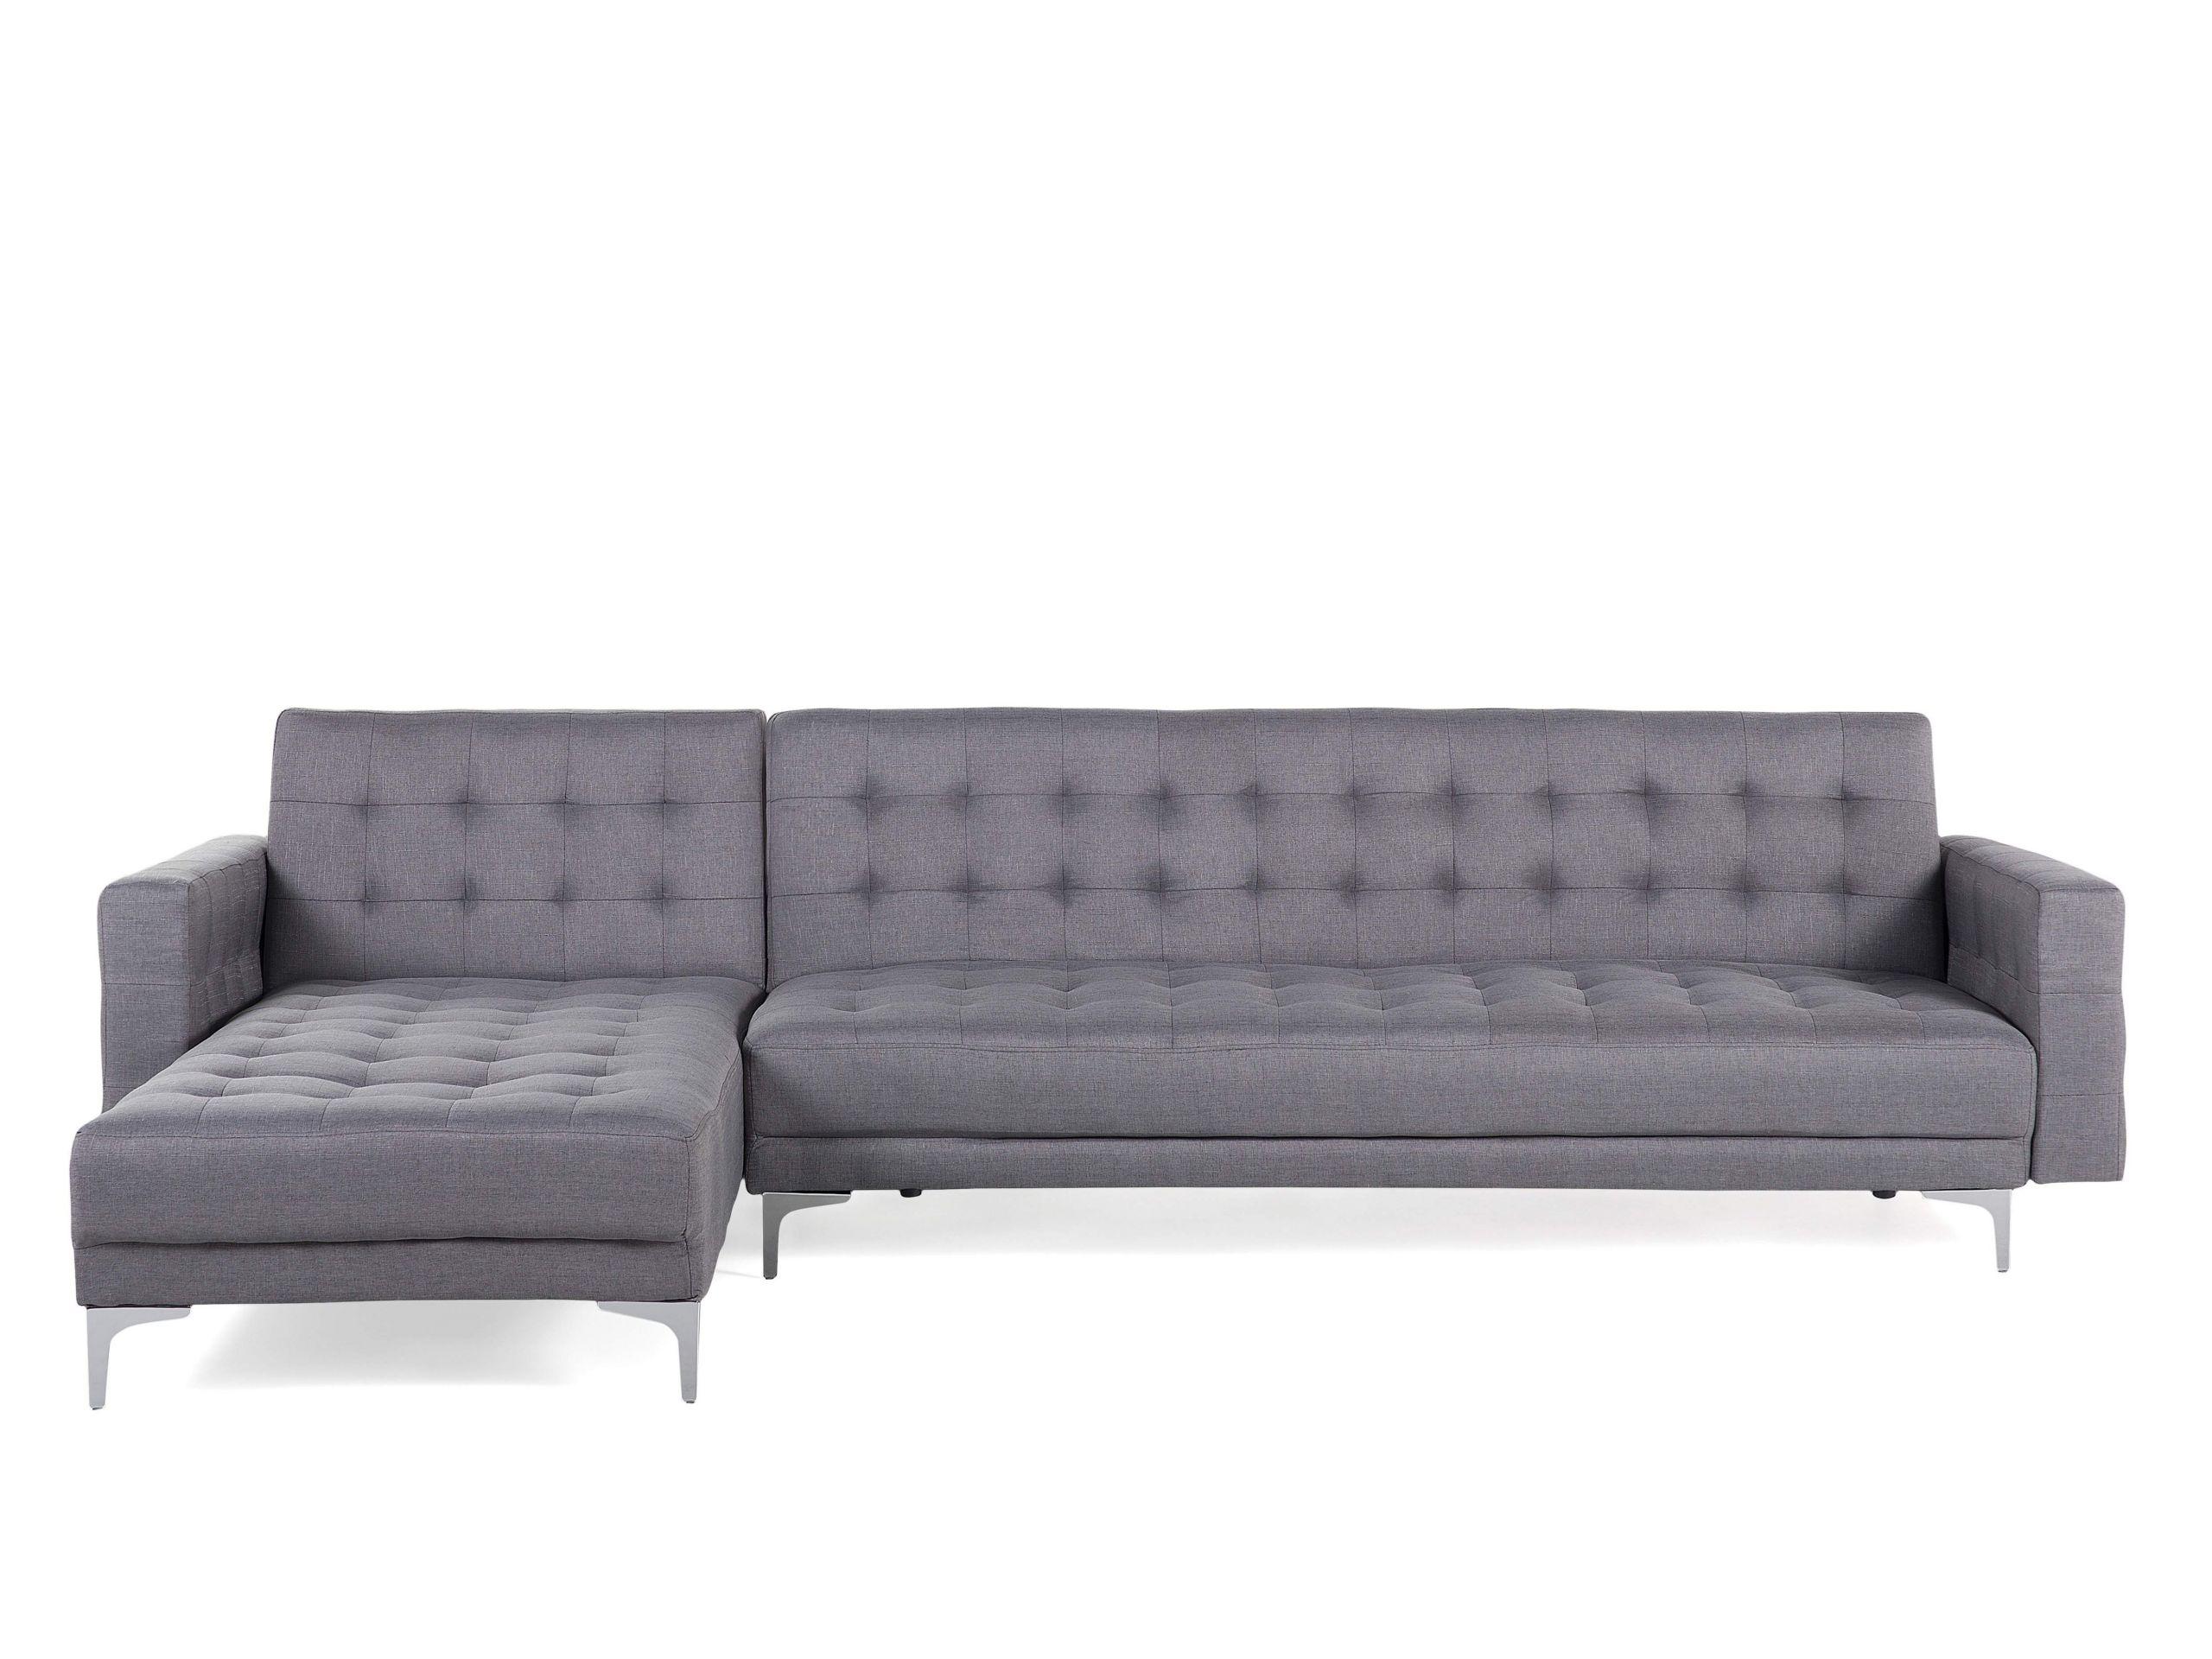 Full Size of Wohnzimmer Liegestuhl Relax Designer Ikea Bequeme Liege Caseconradcom Fototapete Wandtattoo Deckenleuchte Board Pendelleuchte Decken Hängeleuchte Stehlampe Wohnzimmer Wohnzimmer Liegestuhl